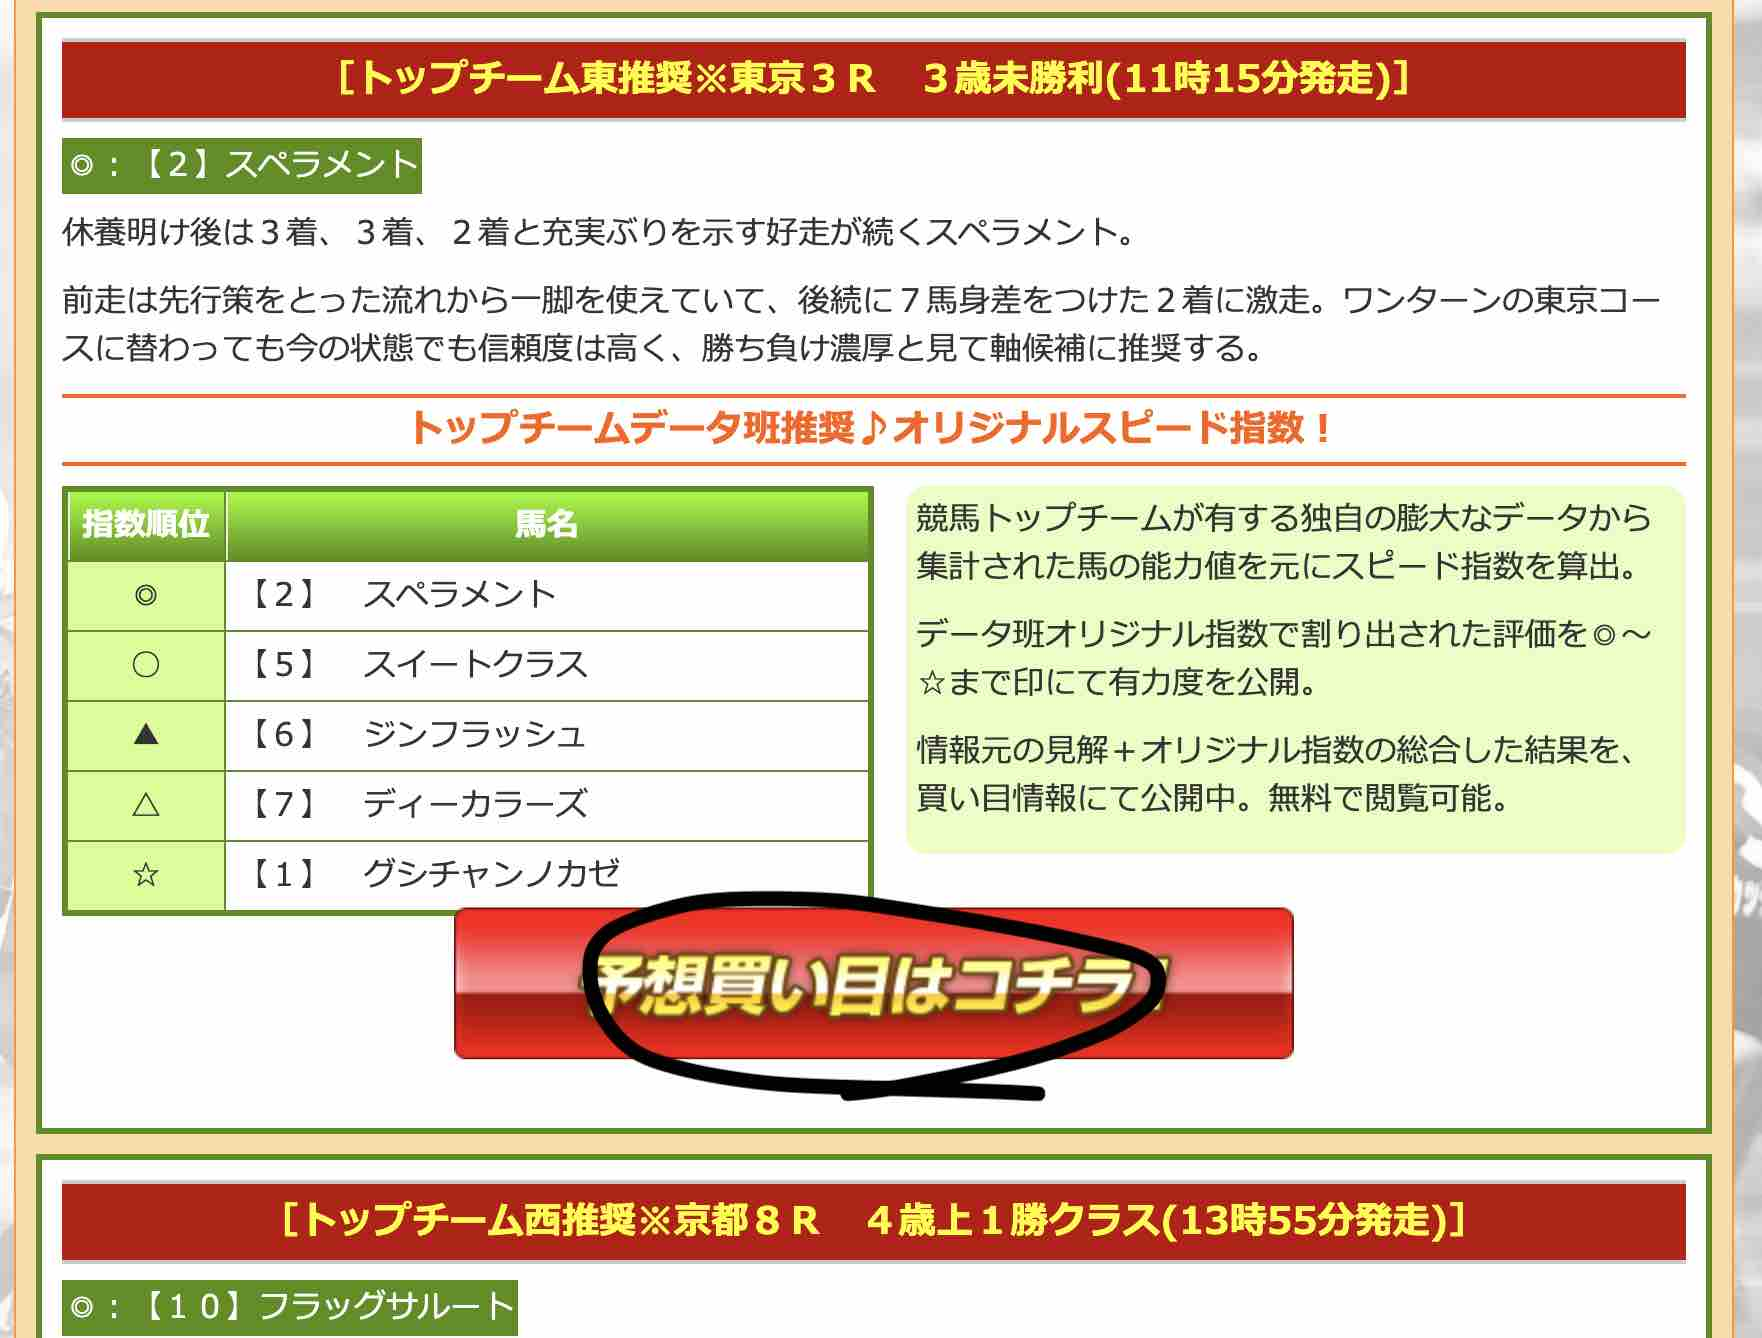 競馬トップチームという競馬予想サイトの無料予想(無料情報)を確認する